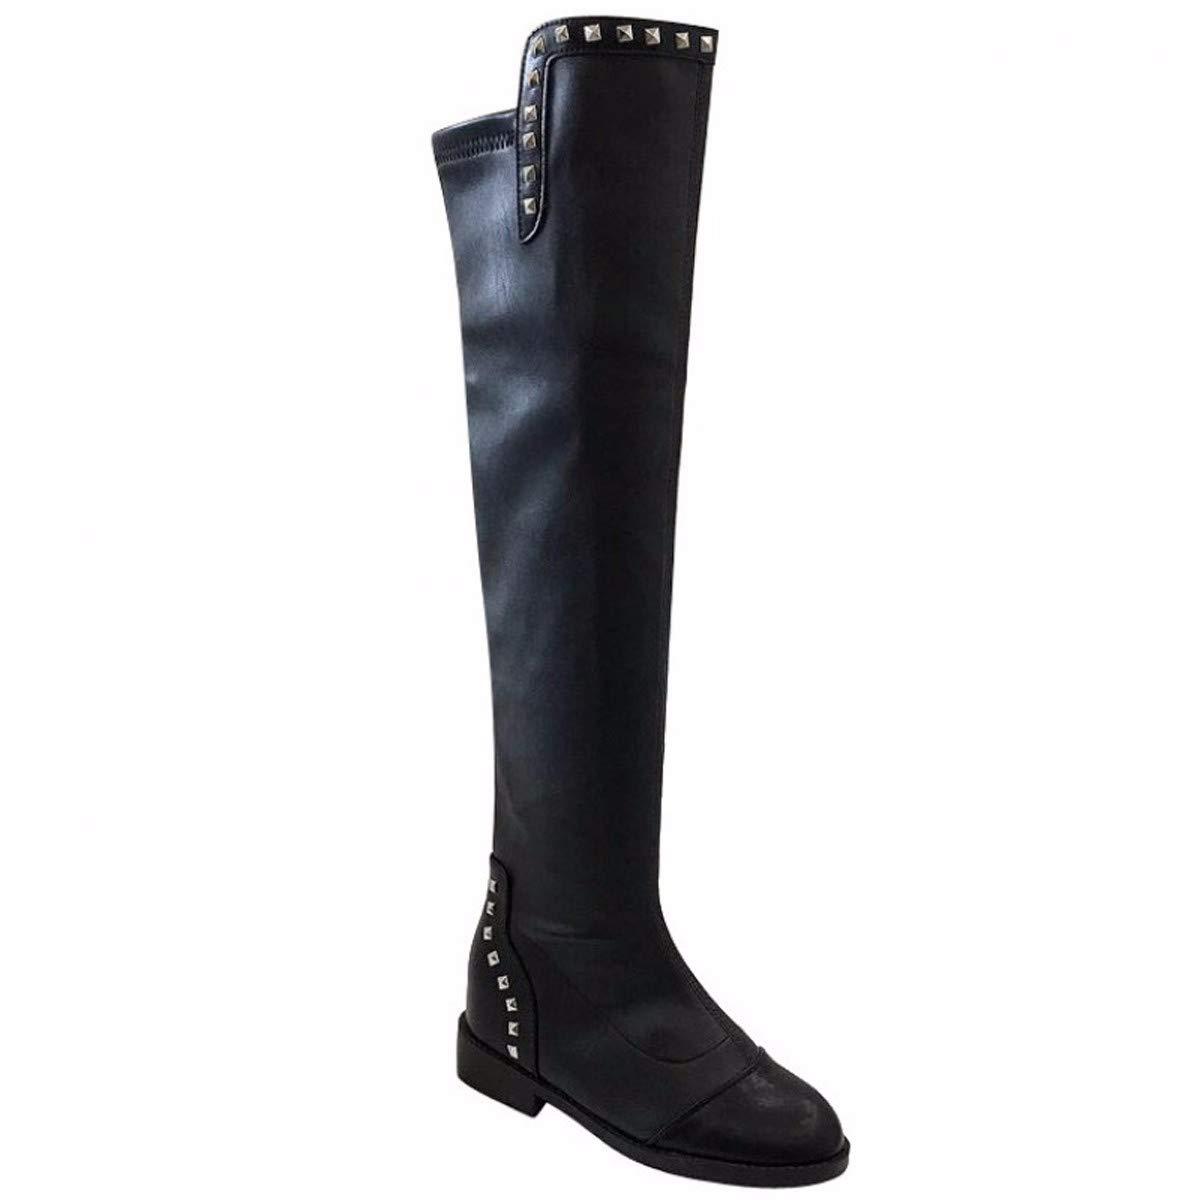 Olici Damen Kniehohe Stiefel mit 3 cm Nieten raue Heels schwarz elastisch dünne Stiefel innen